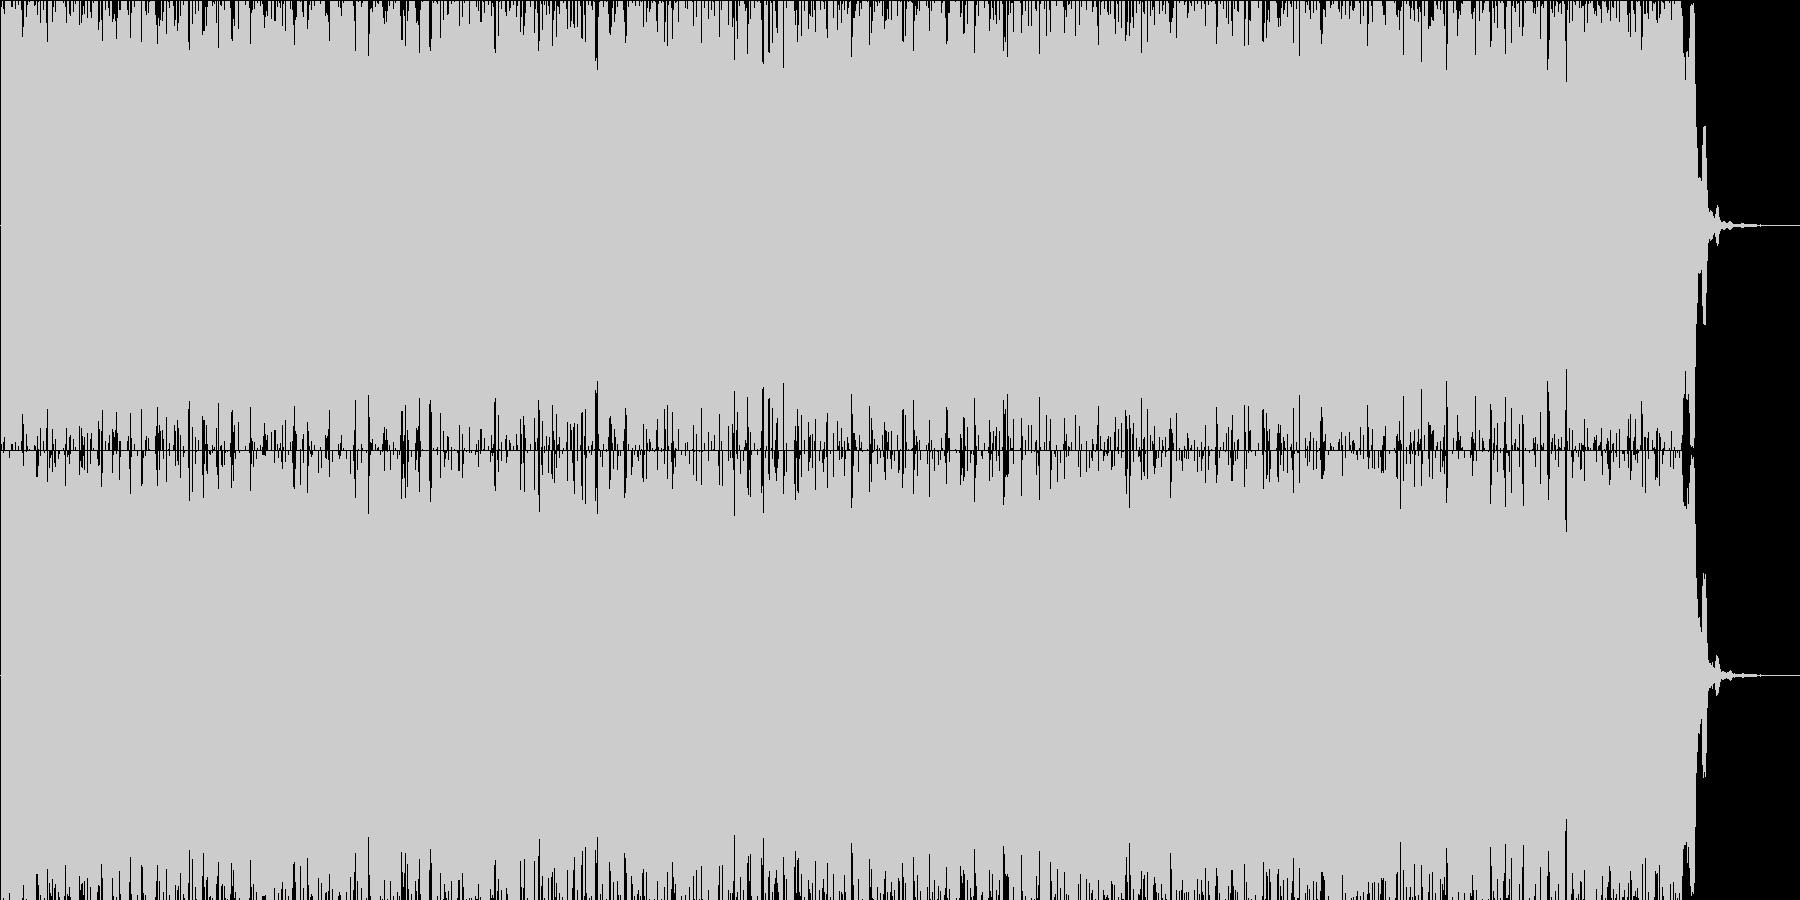 非常ベル_鳴りっぱなし2の未再生の波形